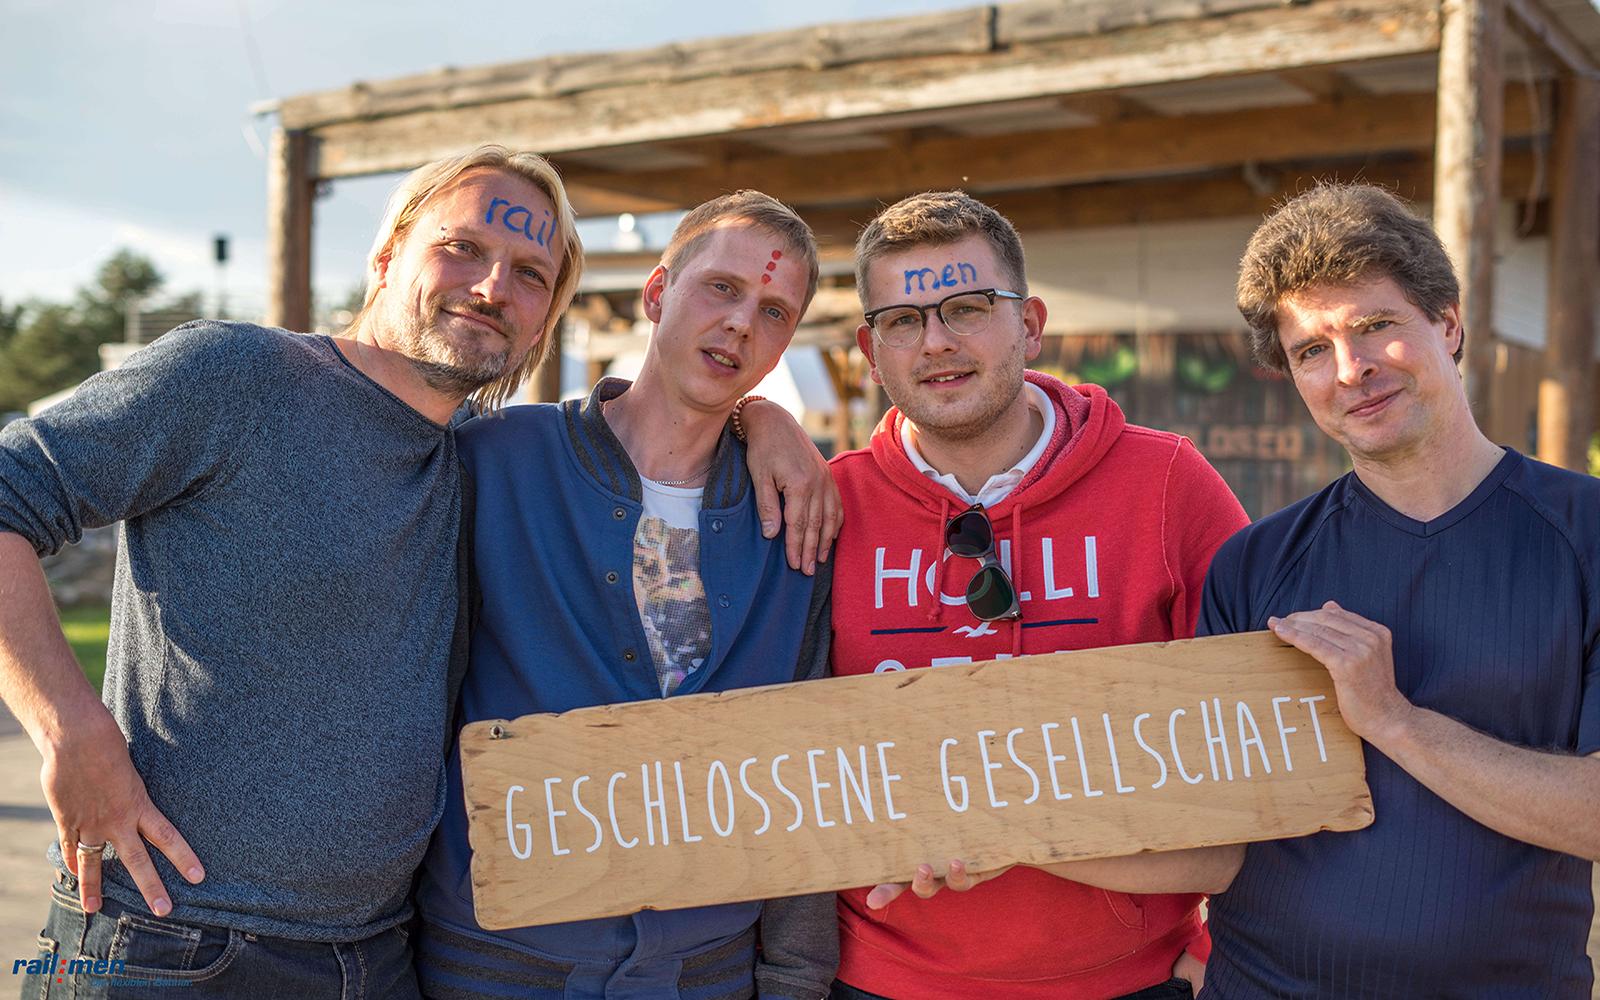 ©Foto: Philipp Prauser | Impressionen vom railmen Jubiläumsevent 2017